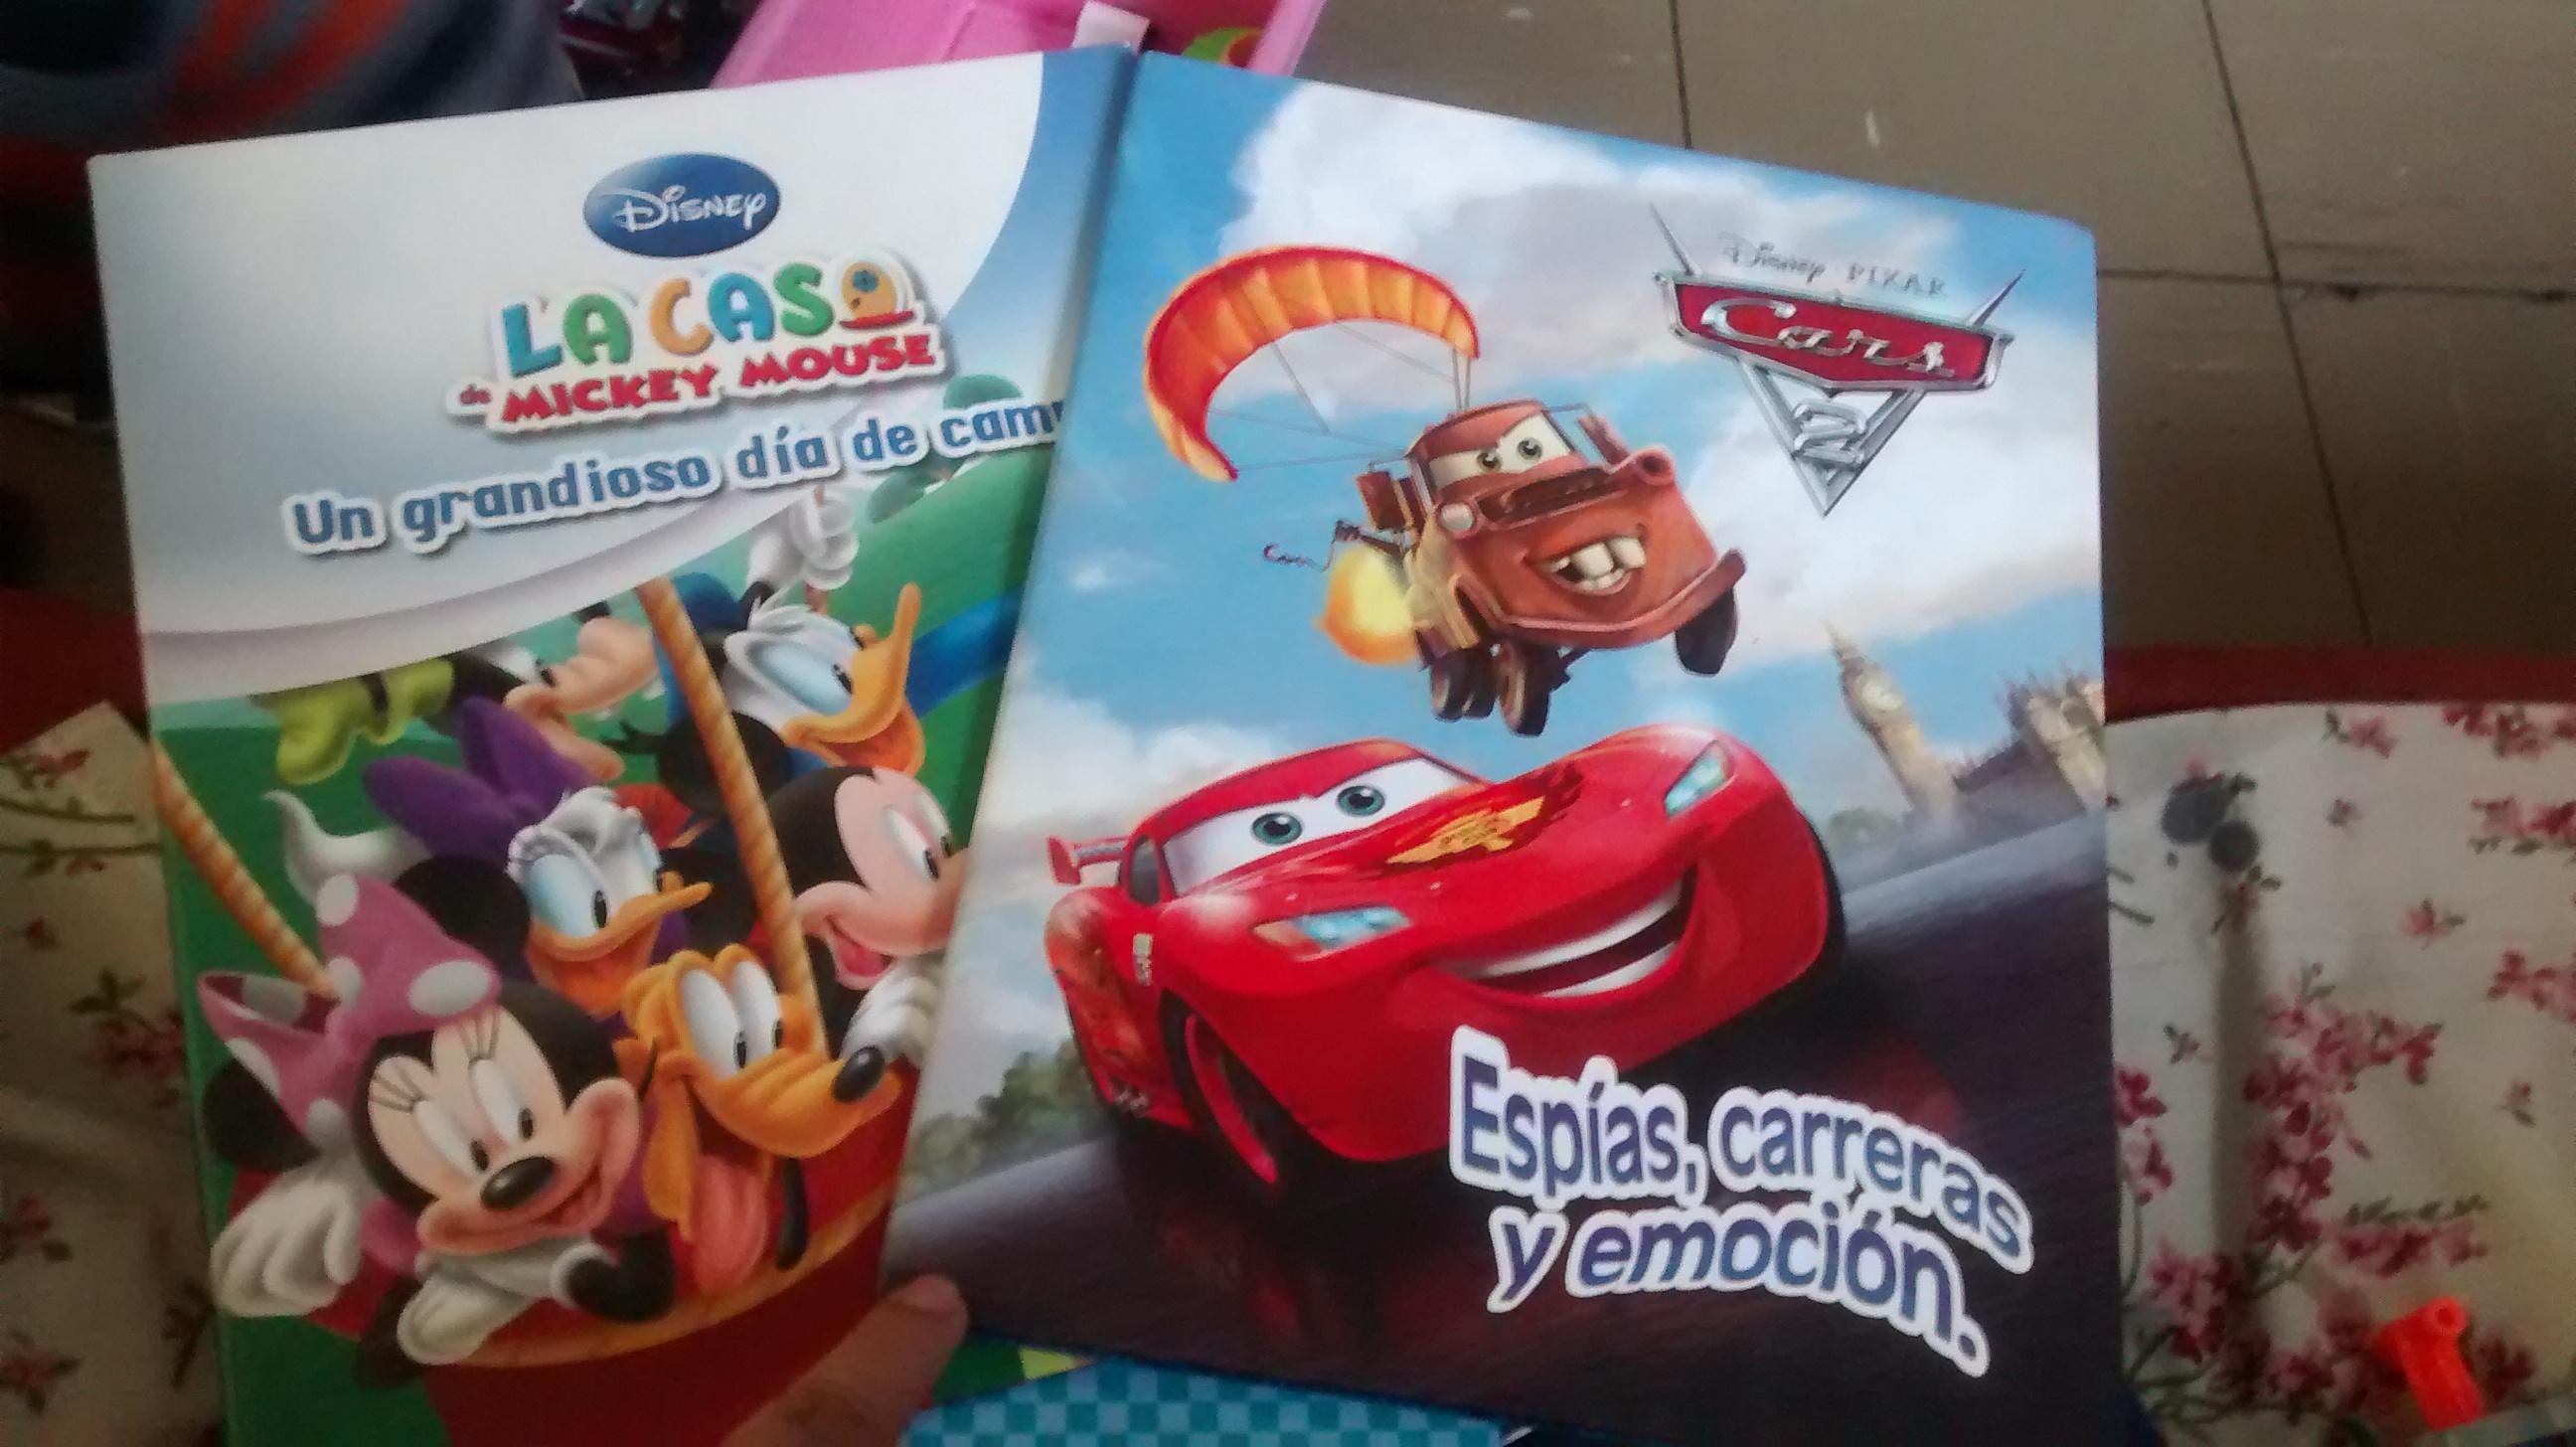 Walmart Torres lindavista: Libros infantiles desde $10, mochilas escolares en liquidación...